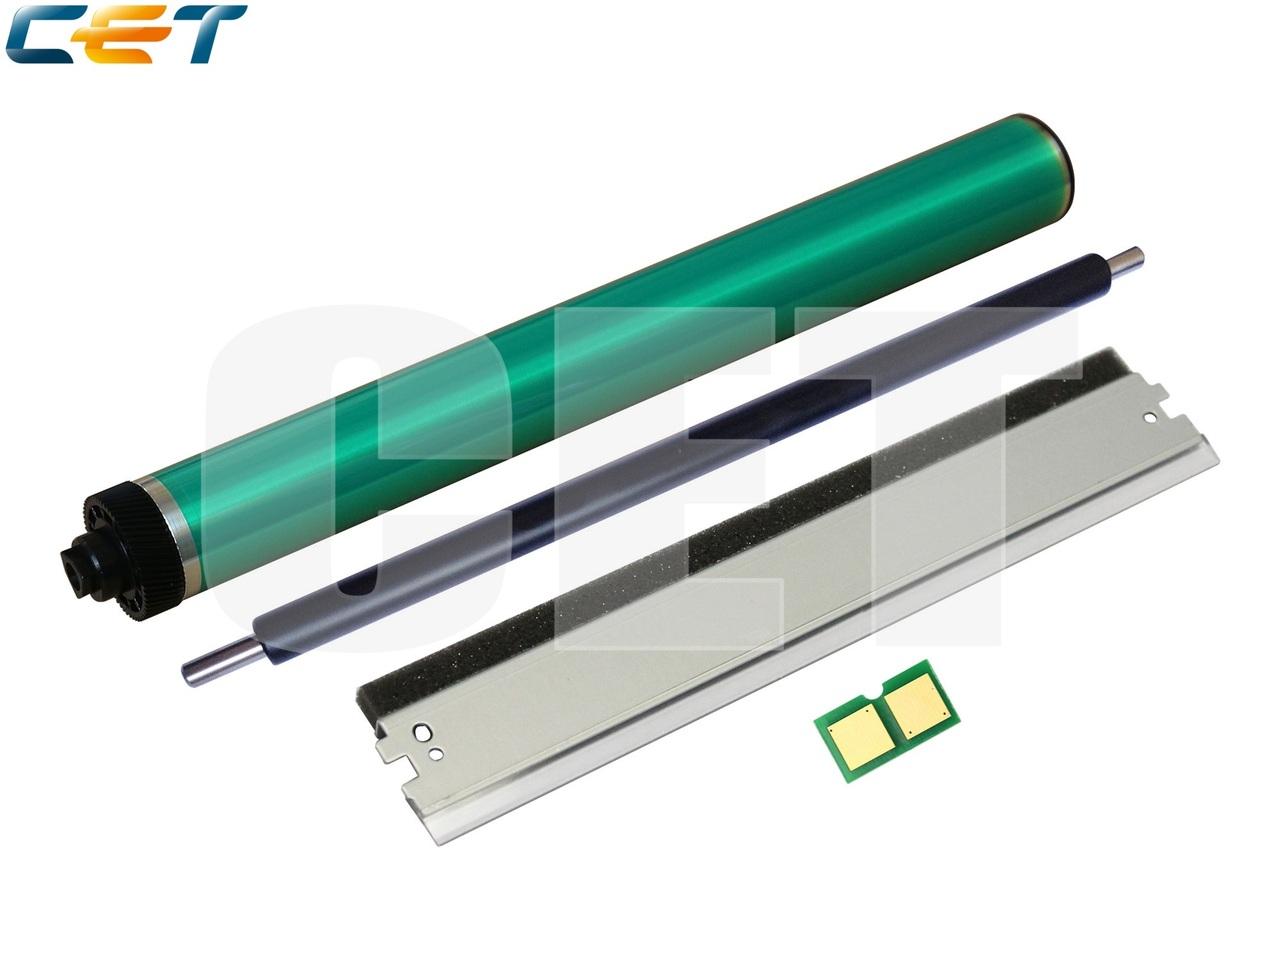 Комплект восстановления драм-юнита GPR-54 для CANONiR1435/1435i/1435iF/1435P (CET), CET5280